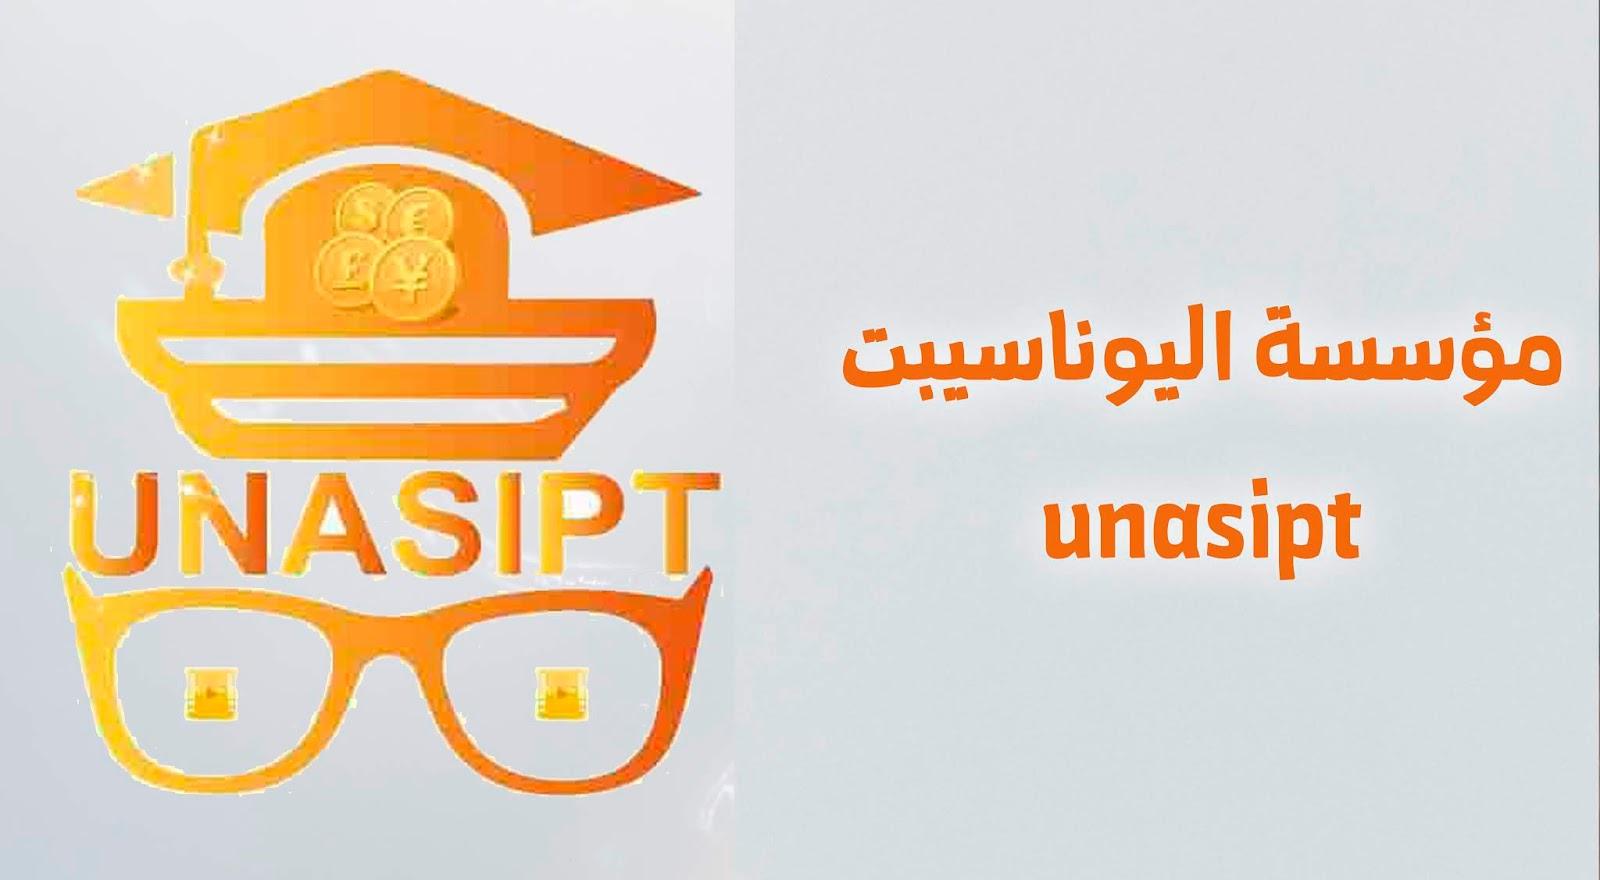 مؤسسة اليوناسيبت unasipt التعليمية البريطانية تسعي للإستثمار البشري